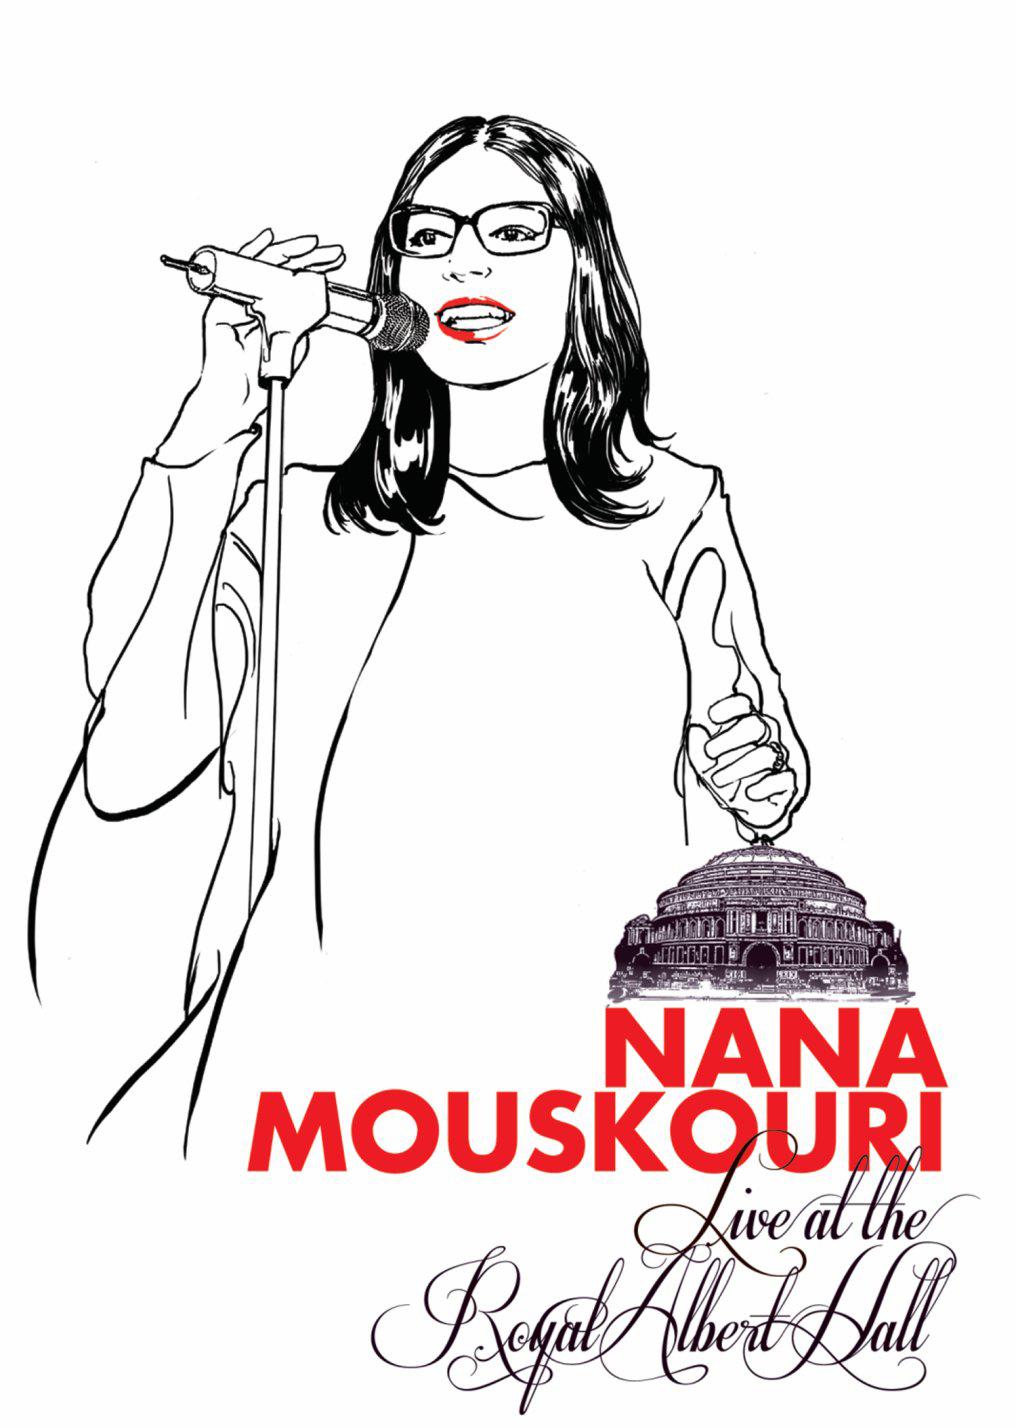 Nana Mouskouri: Live at the Royal Albert Hall